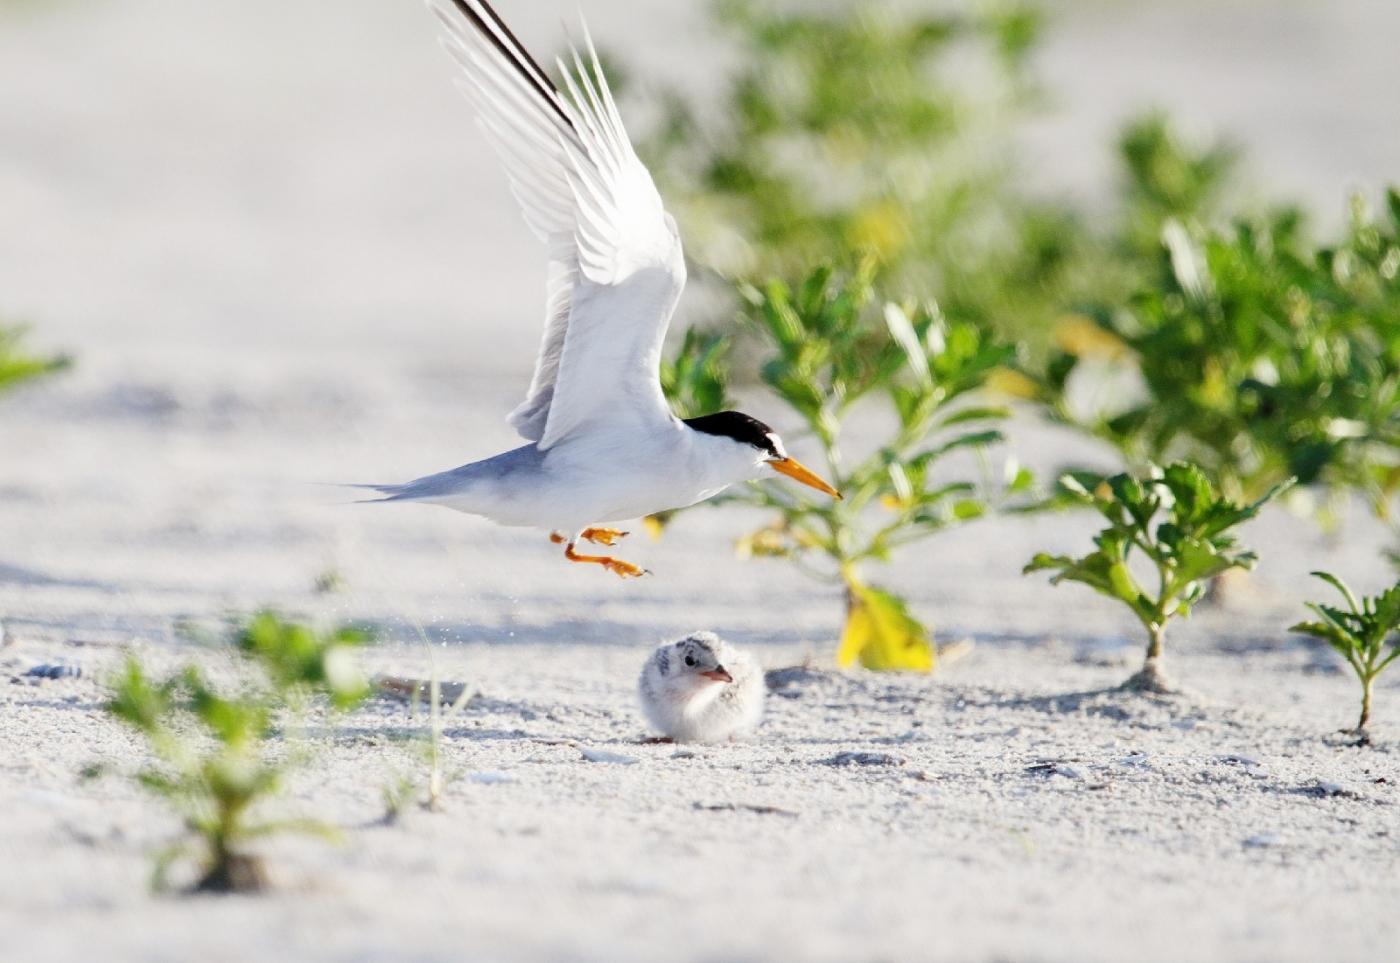 【田螺摄影】黄嘴燕鸥整个出生成长的过程_图1-18